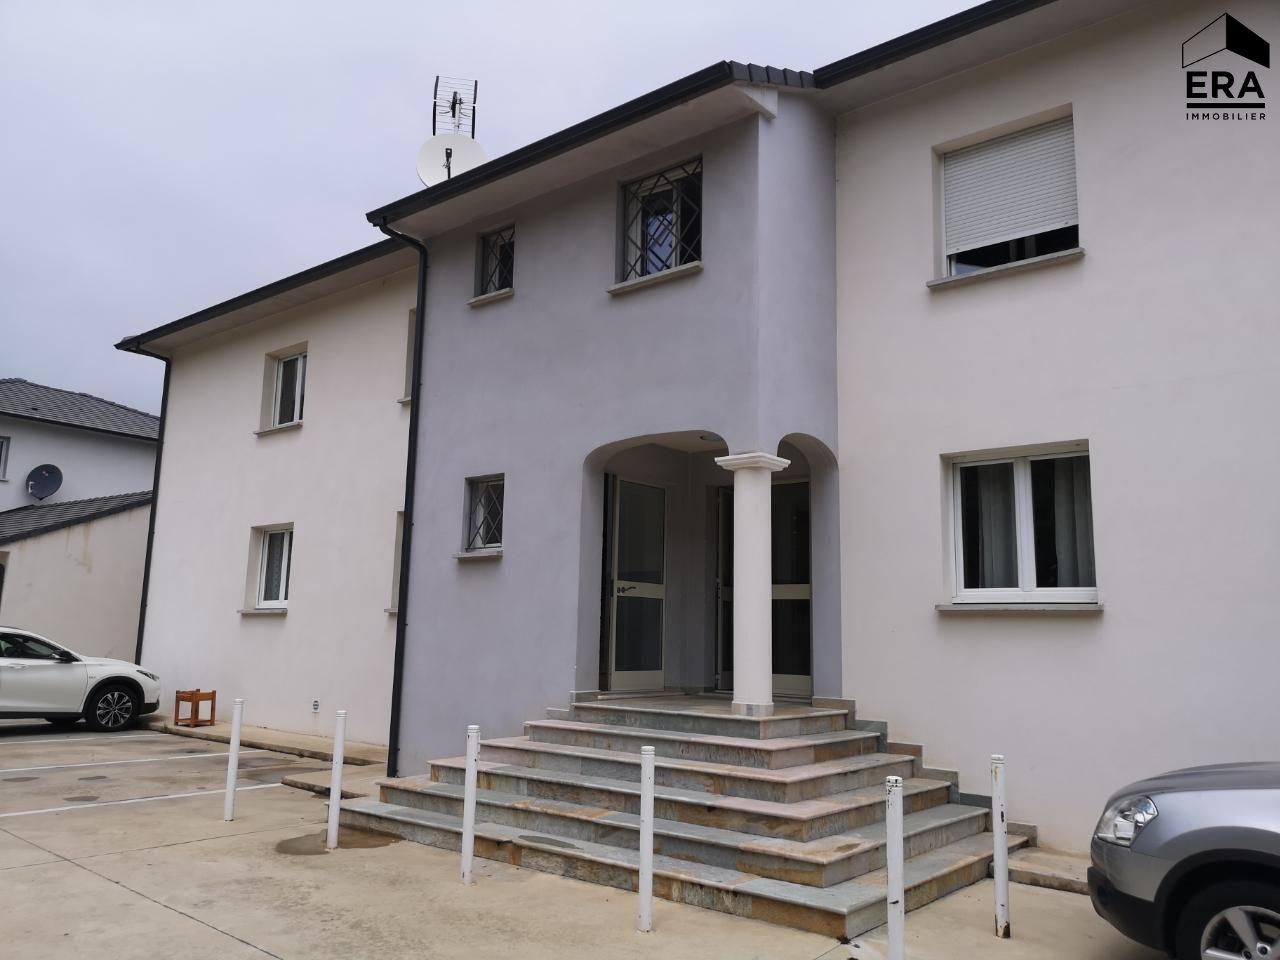 photo de Appartement  F3  à louer sur la commune de Biguglia